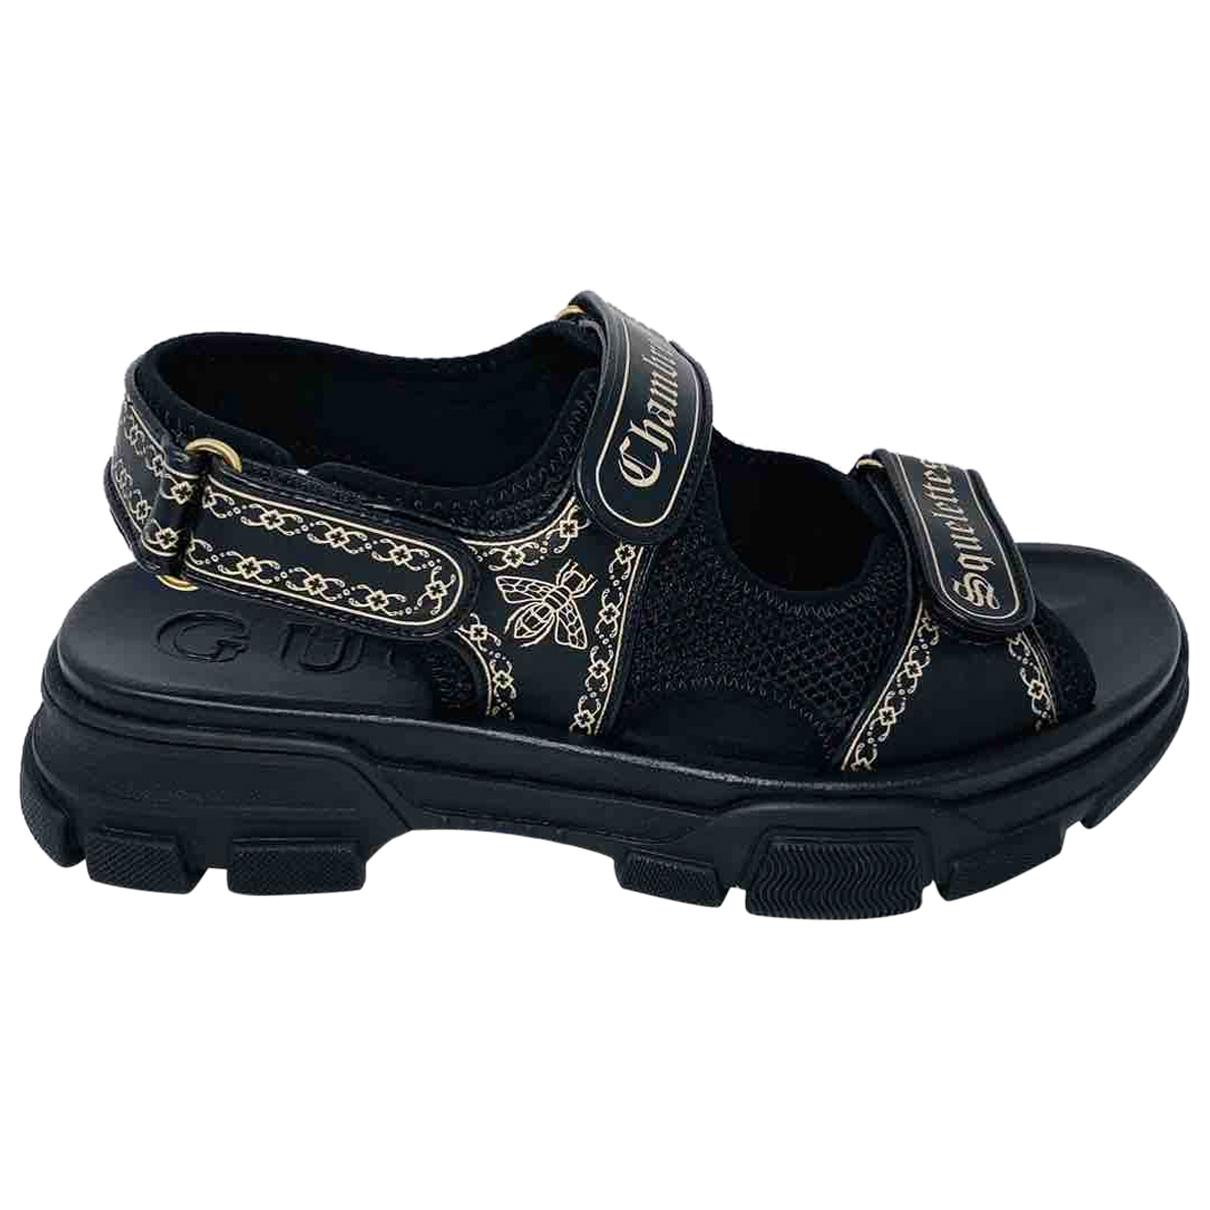 Gucci - Sandales   pour homme en cuir - noir